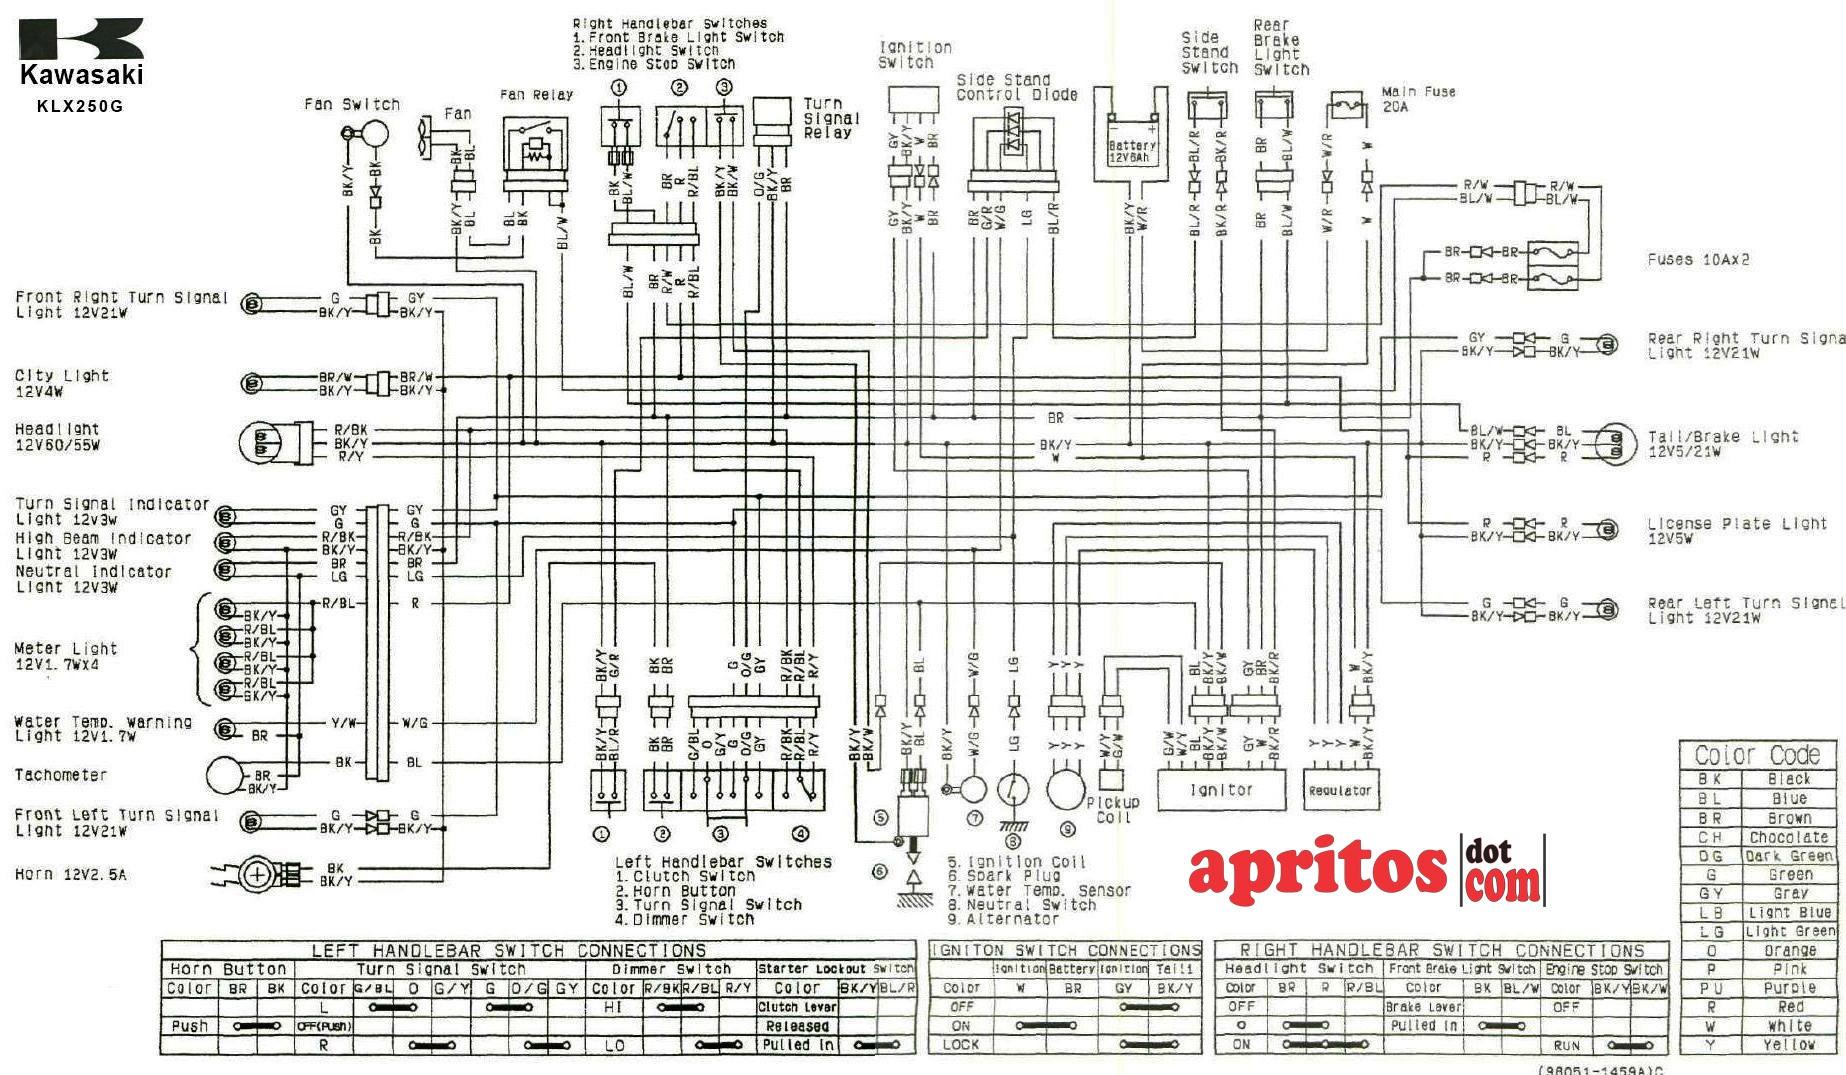 klx 250 wiring diagram another blog about wiring diagram u2022 rh ok2 infoservice ru Bad Boy 2012